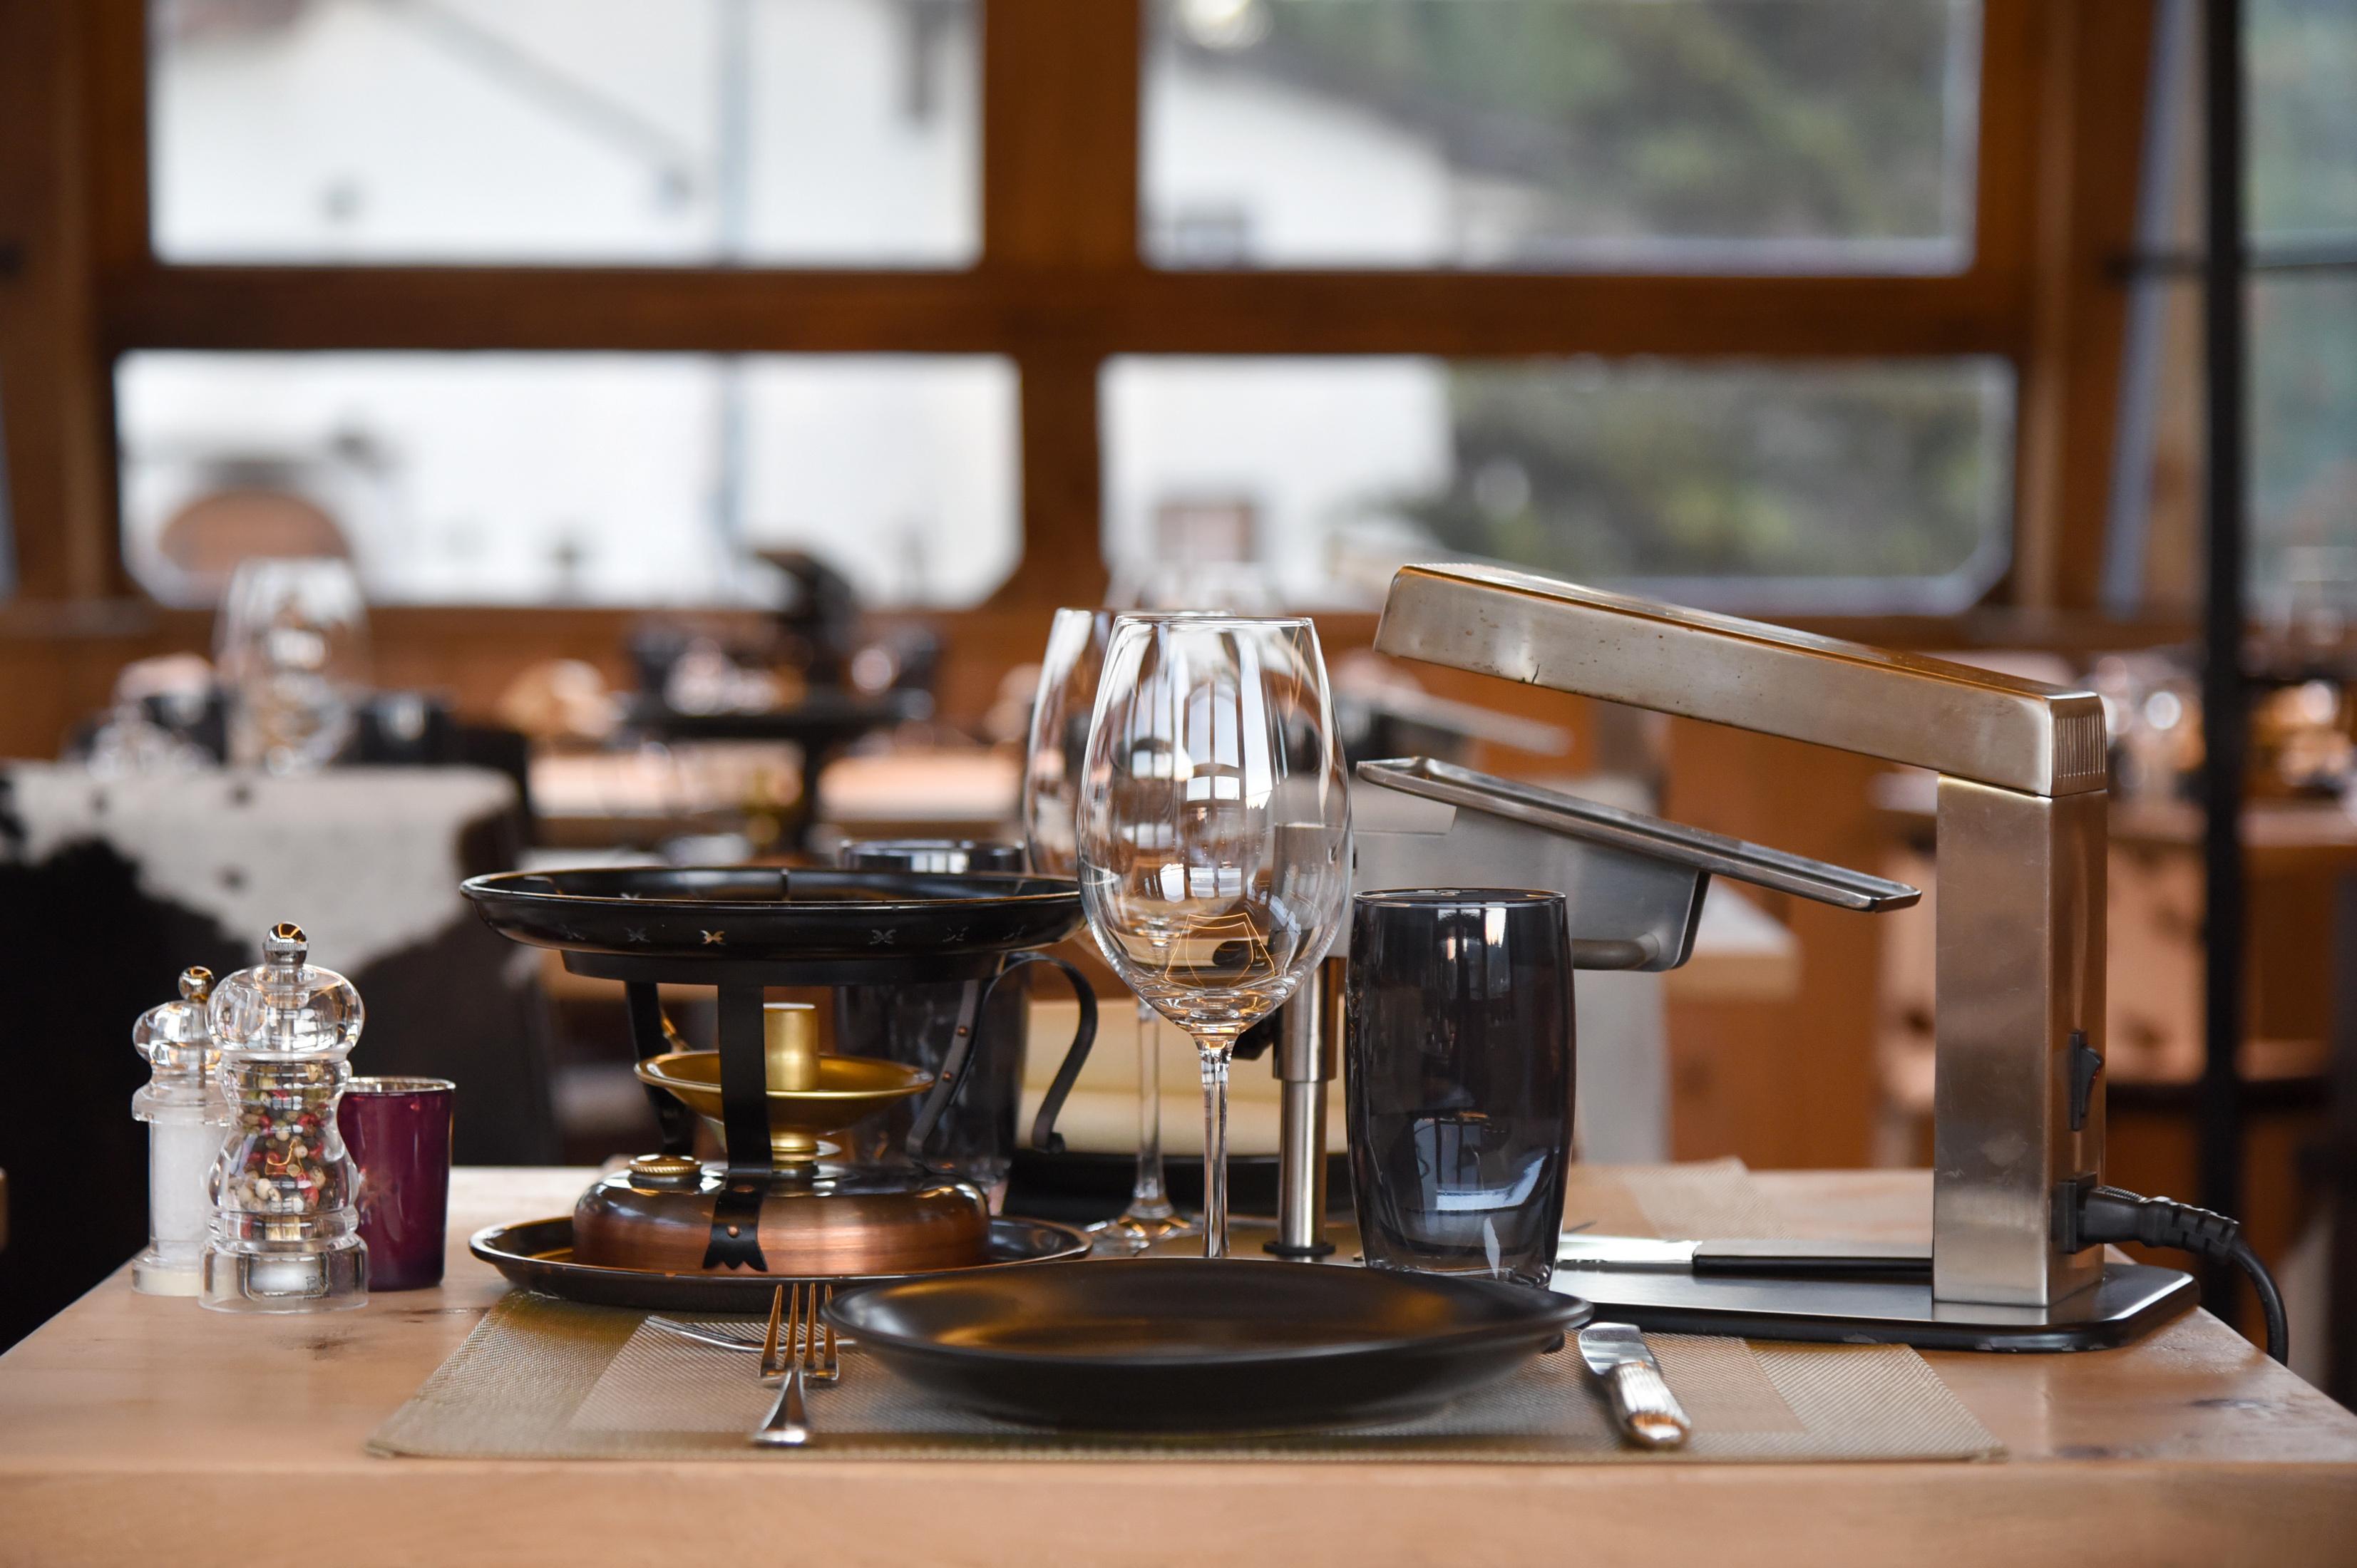 Restaurant Gondolezza Slide 8